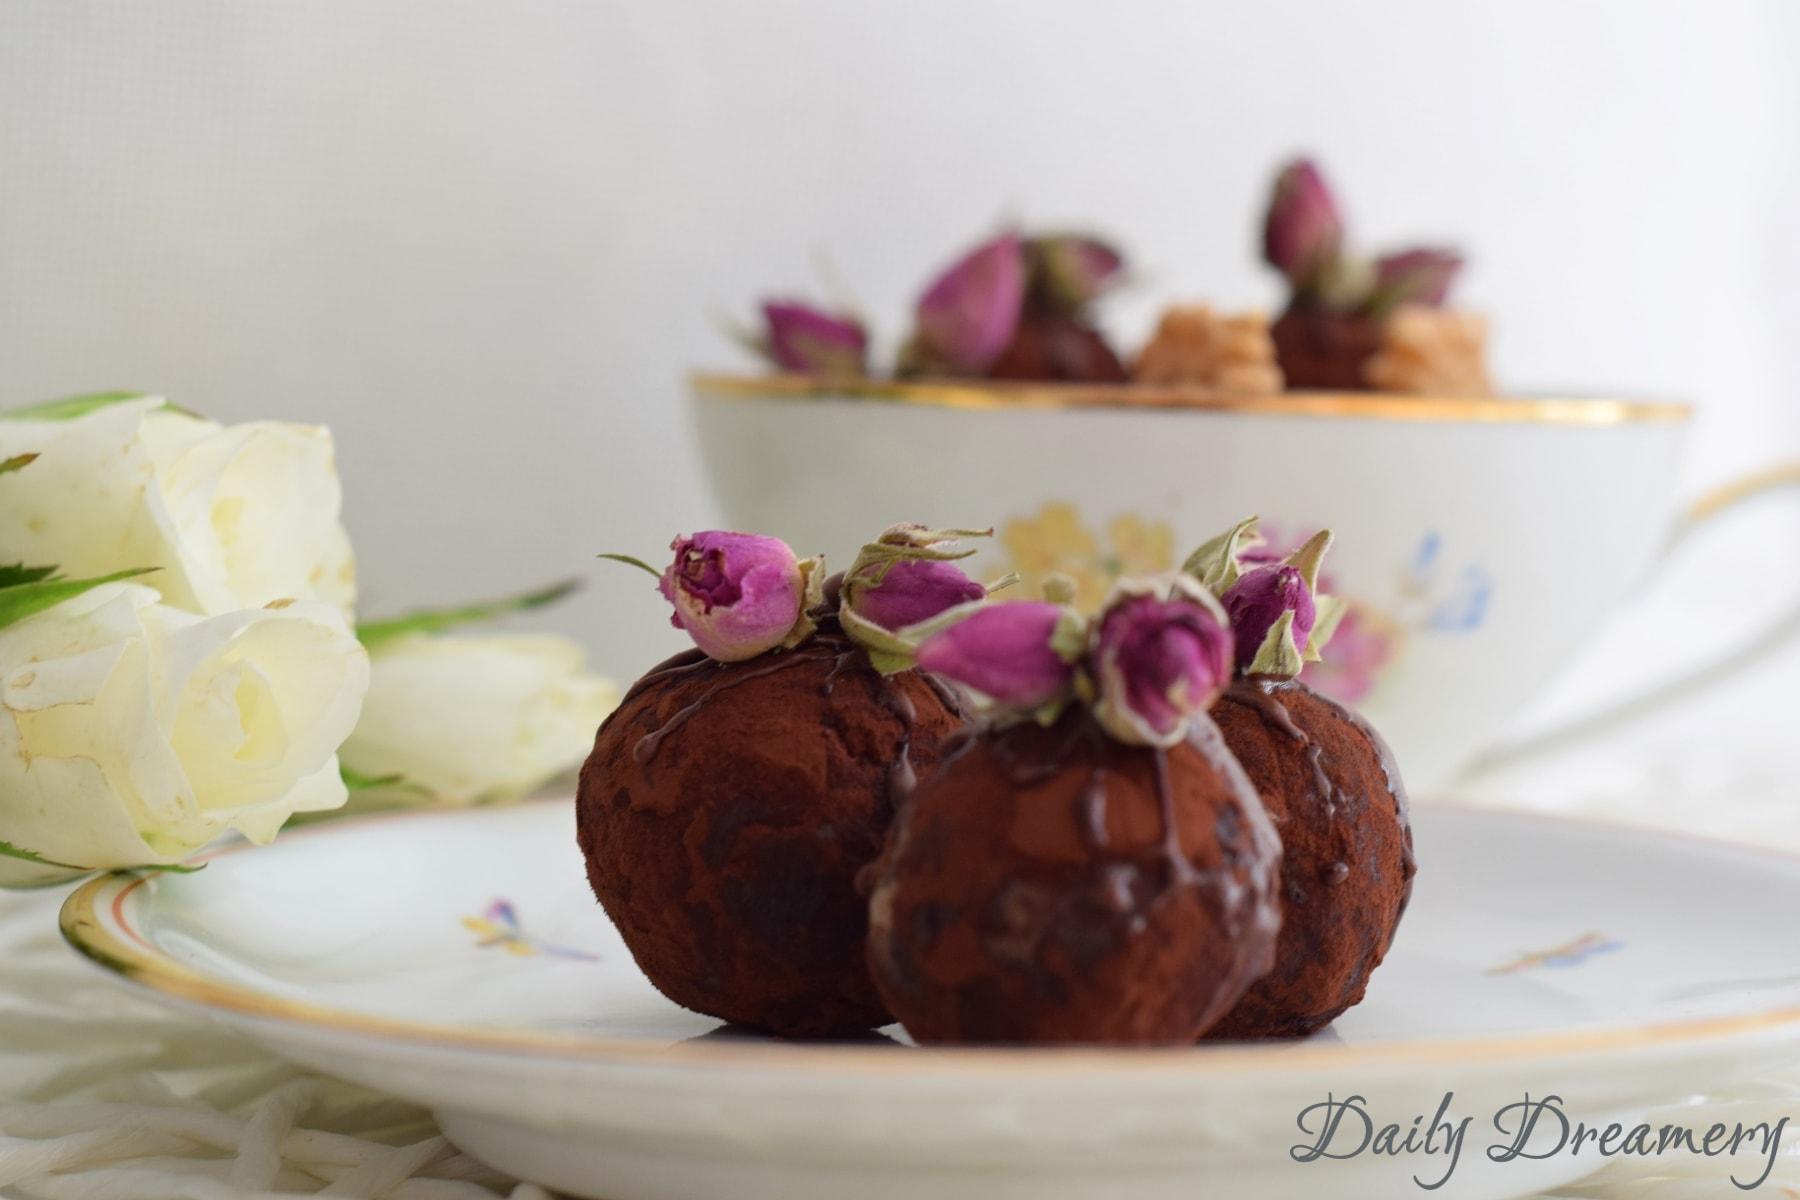 Marzipan-Pralinen mit Walnuss und Rosenwasser